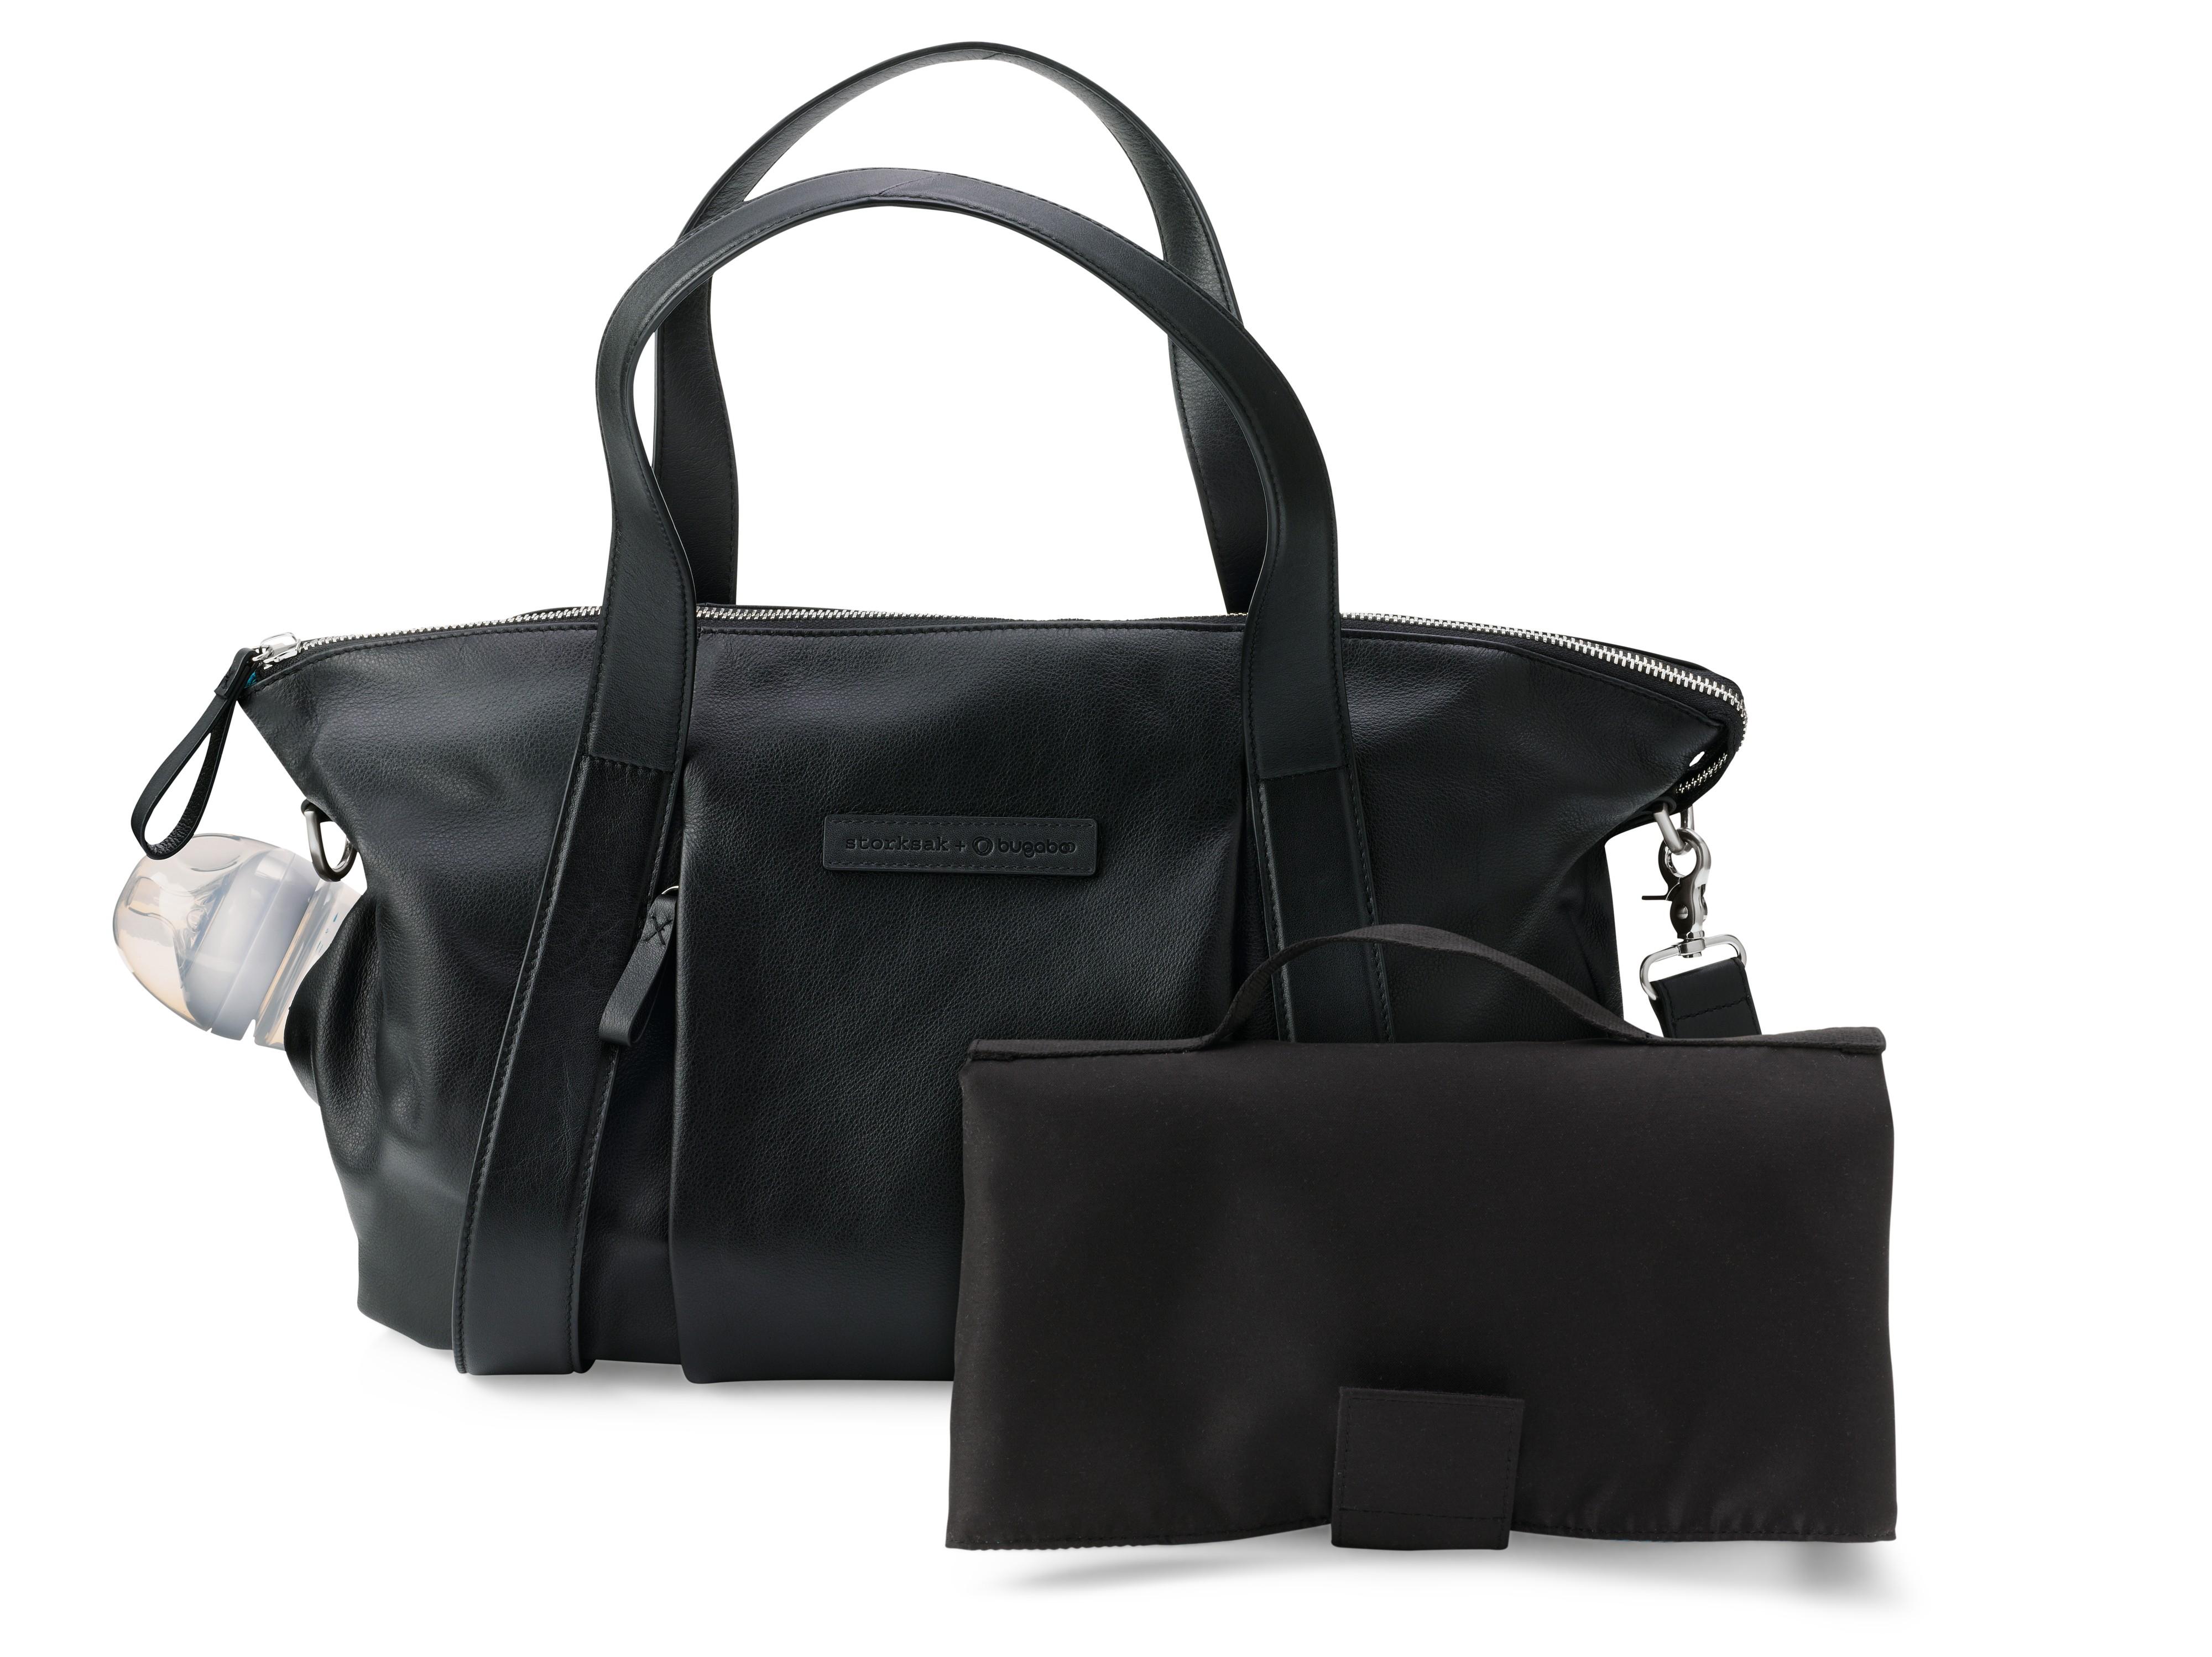 Storksak + Bugaboo Leather Bag Zwart - kleur: Zwart - Bugaboo